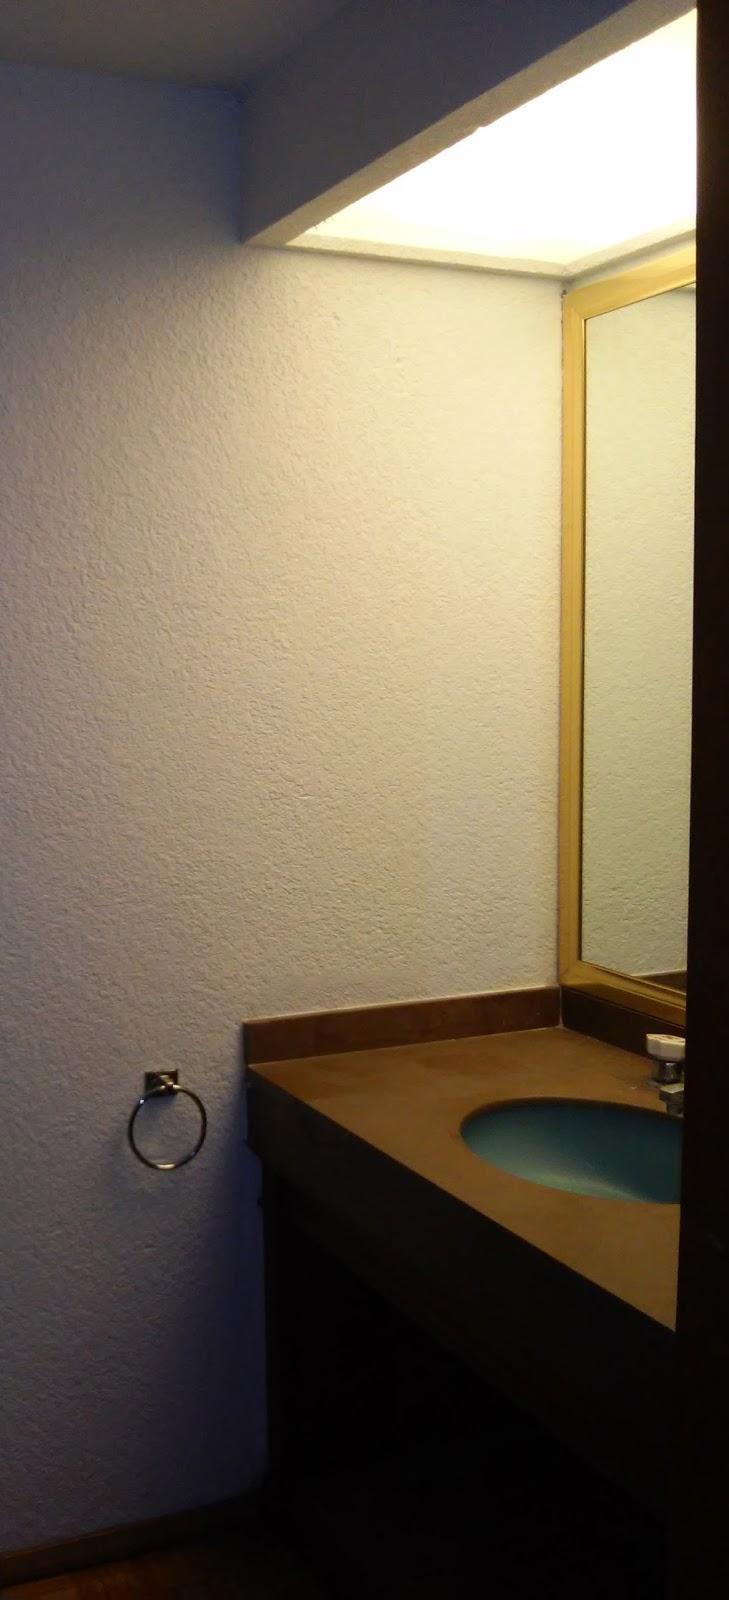 Dise os de ba os modernos y minimalistas azcapotzalco - Diseno de interiores modernos ...